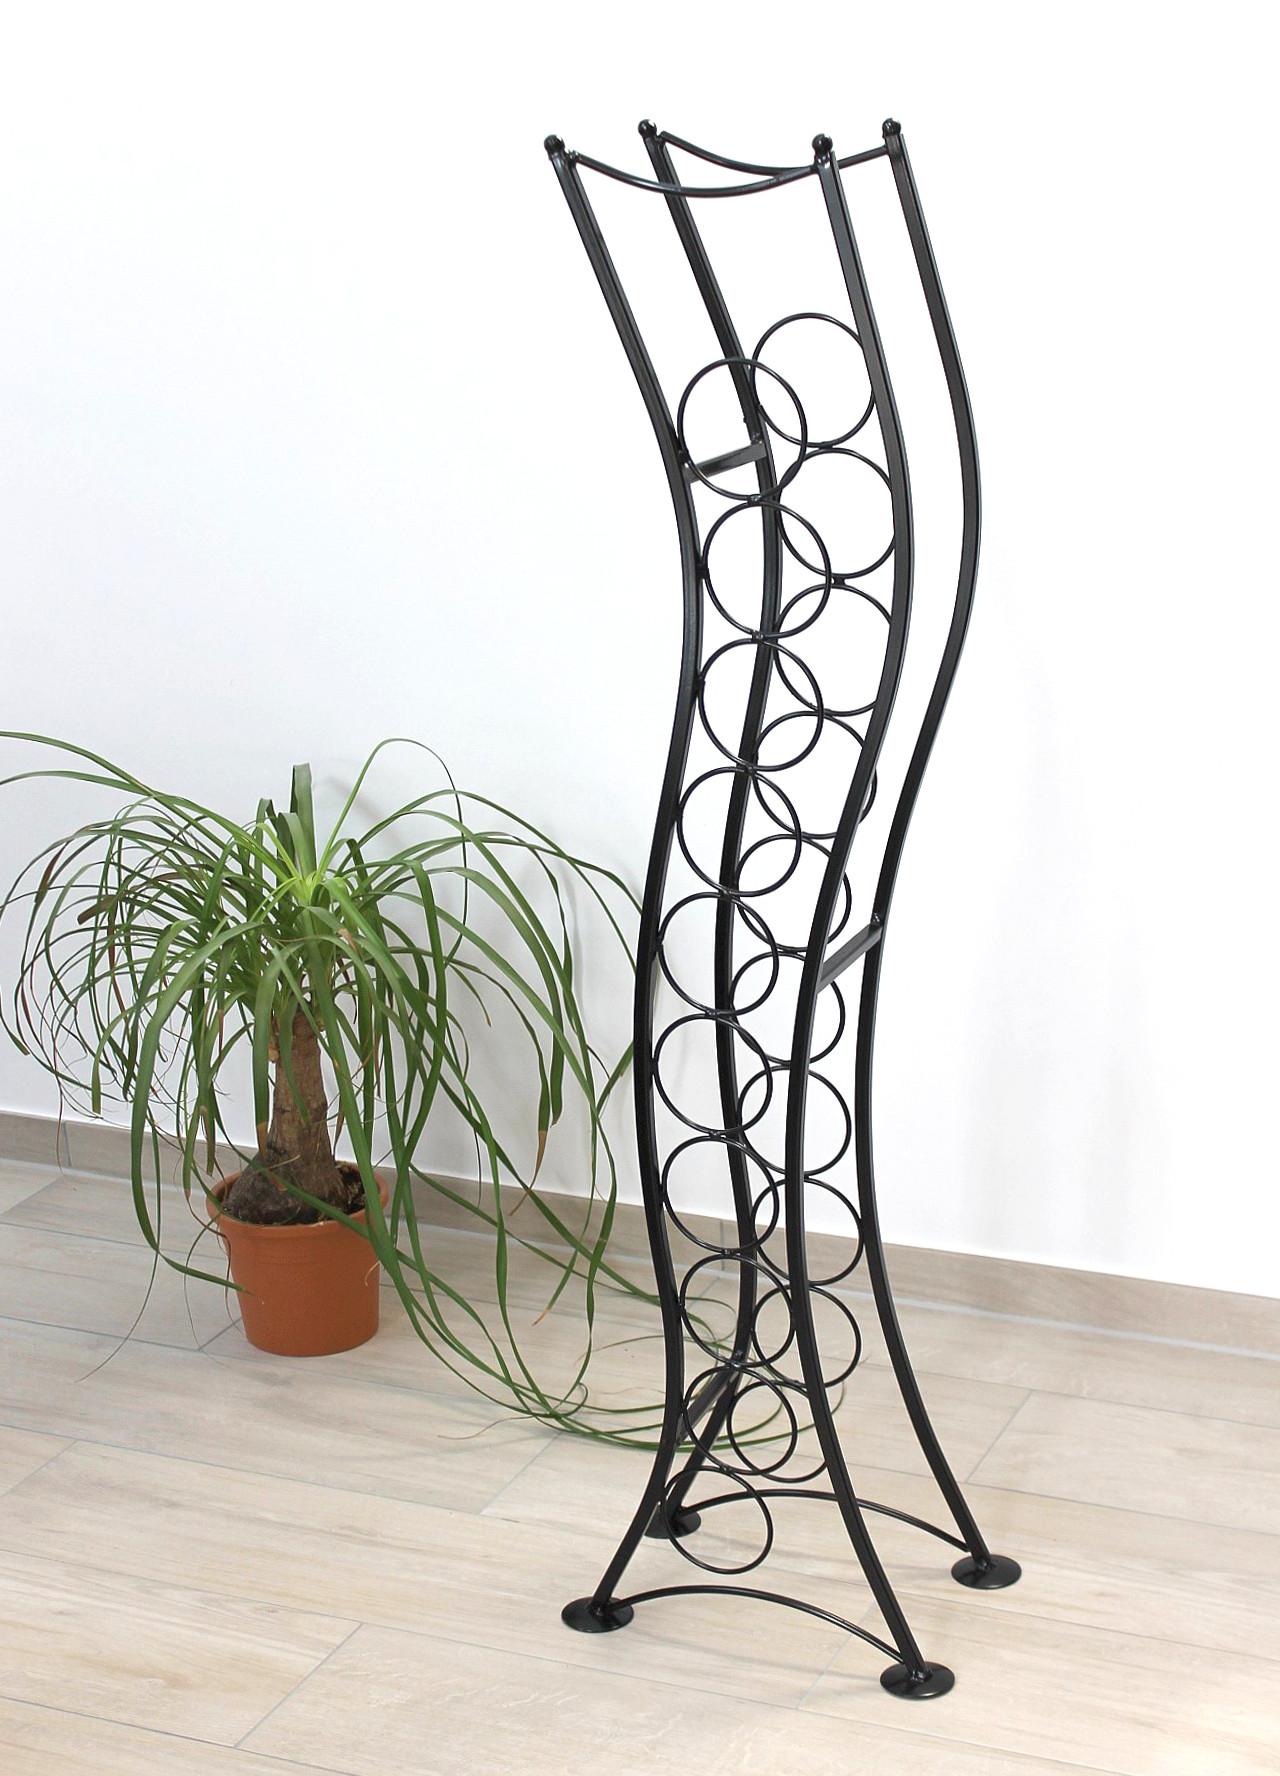 weinregal st099 flaschenst nder 120 cm flaschenhalter flaschenregal aus metall 4260407935299 ebay. Black Bedroom Furniture Sets. Home Design Ideas